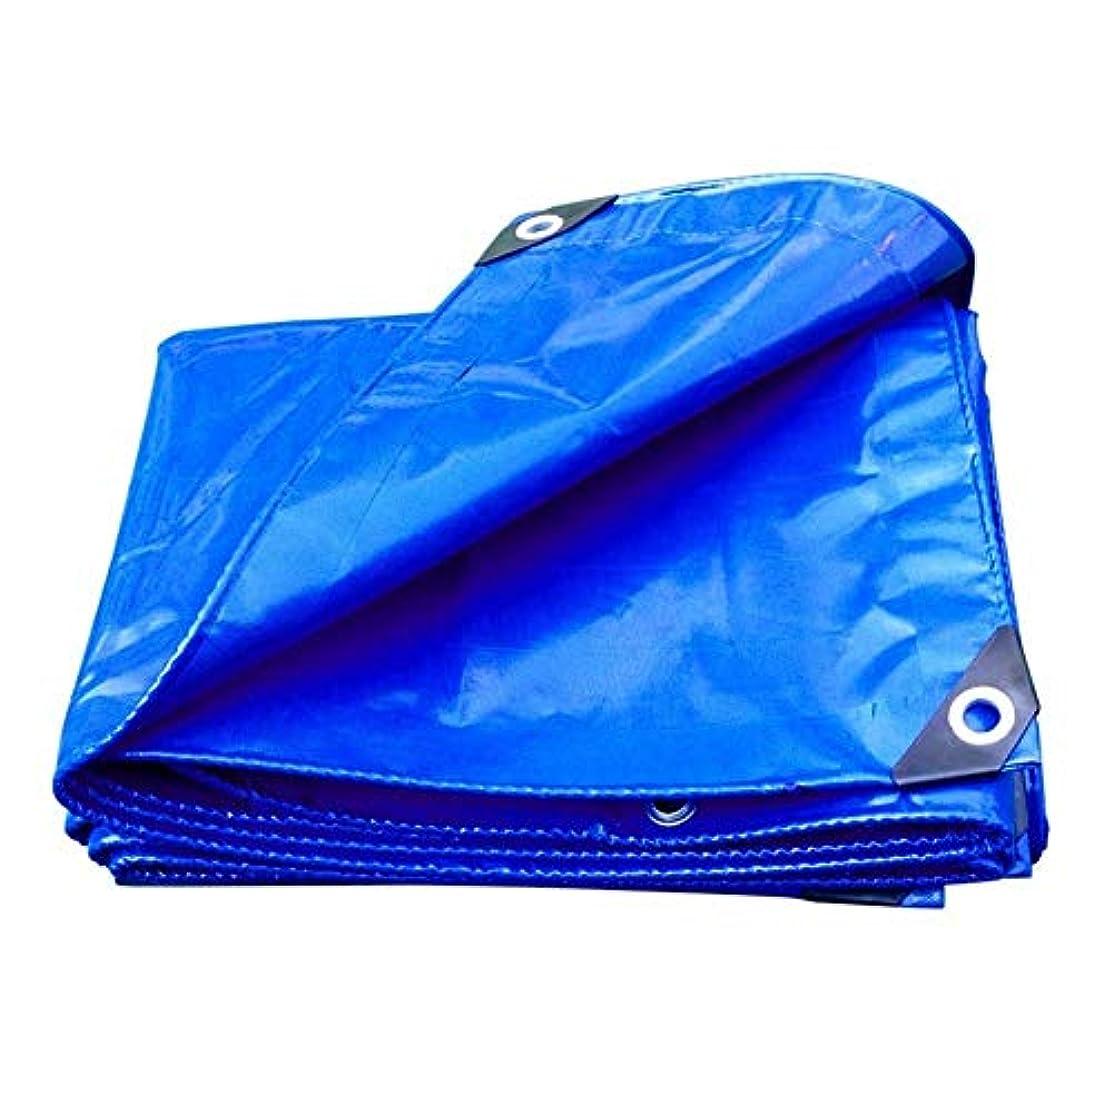 マウント毎年上昇防水シート防水日焼け防止防雨シェード布、頑丈なpvcタープ、屋外断熱耐久性、トラックの屋根ボート用 FENGMIMG (色 : 青, サイズ さいず : 4x4M)